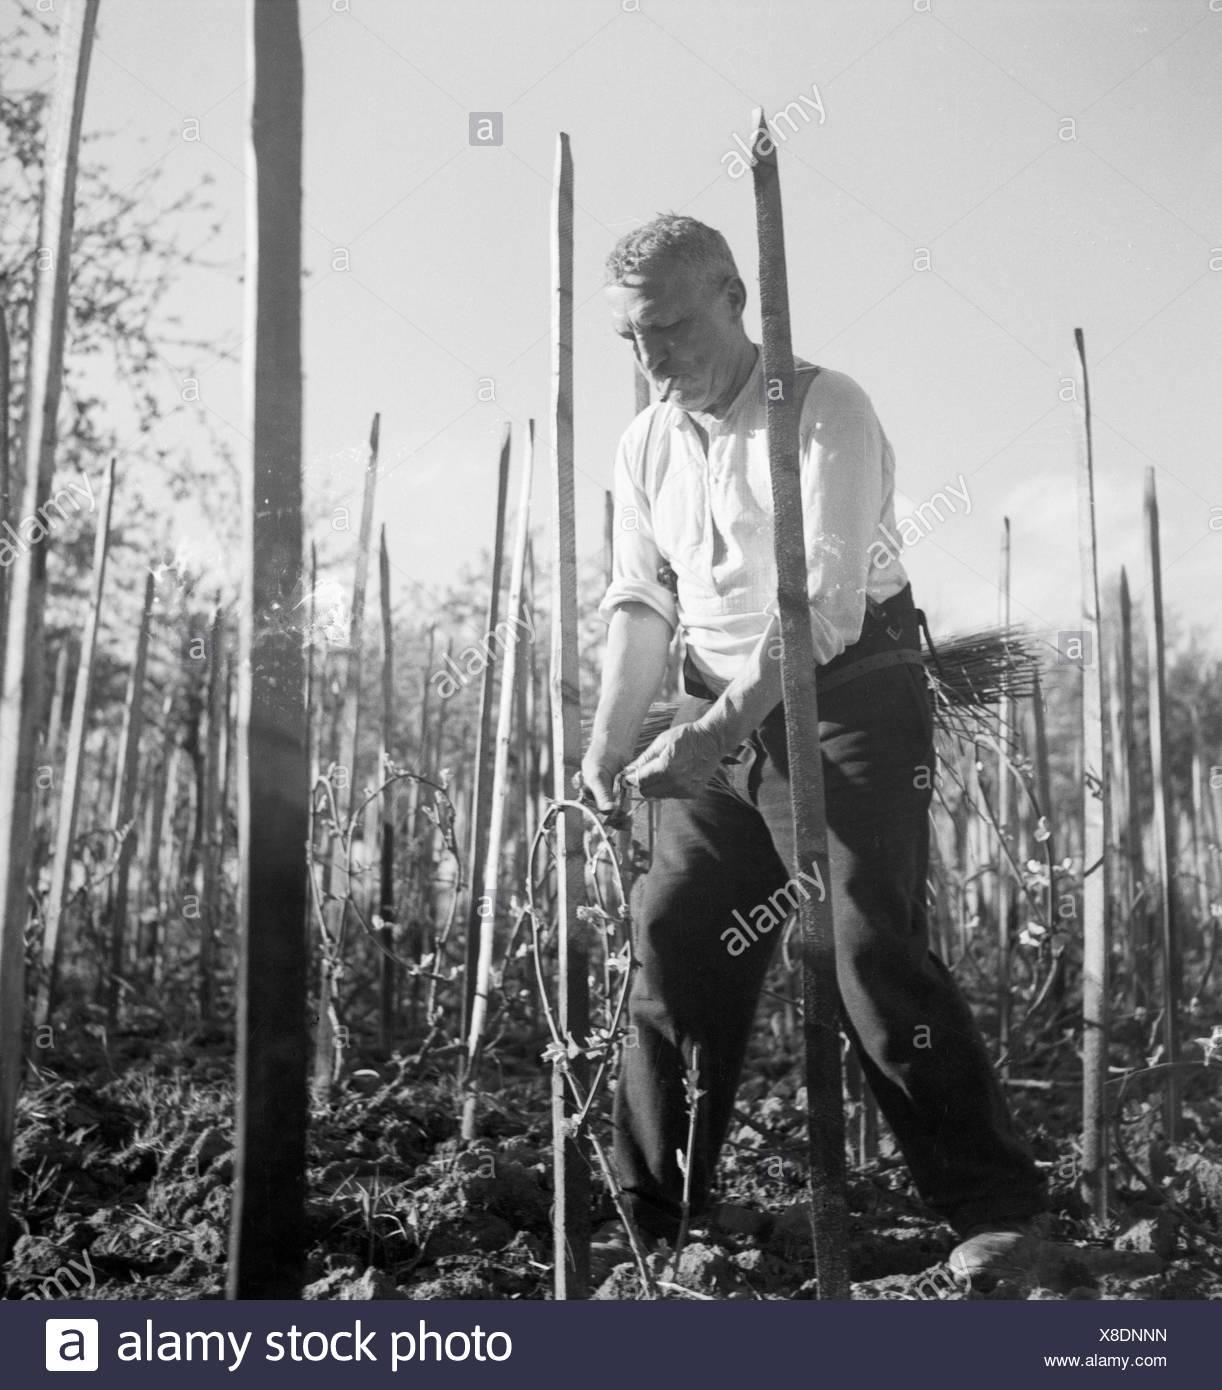 Ein Winzer Schwitzt Bei der Arbeit in seit Weinberg, 1930er Jahre Deutschland. Ein Winzer arbeiten im Weingarten, Deutschland der 1930er Jahre. Stockbild